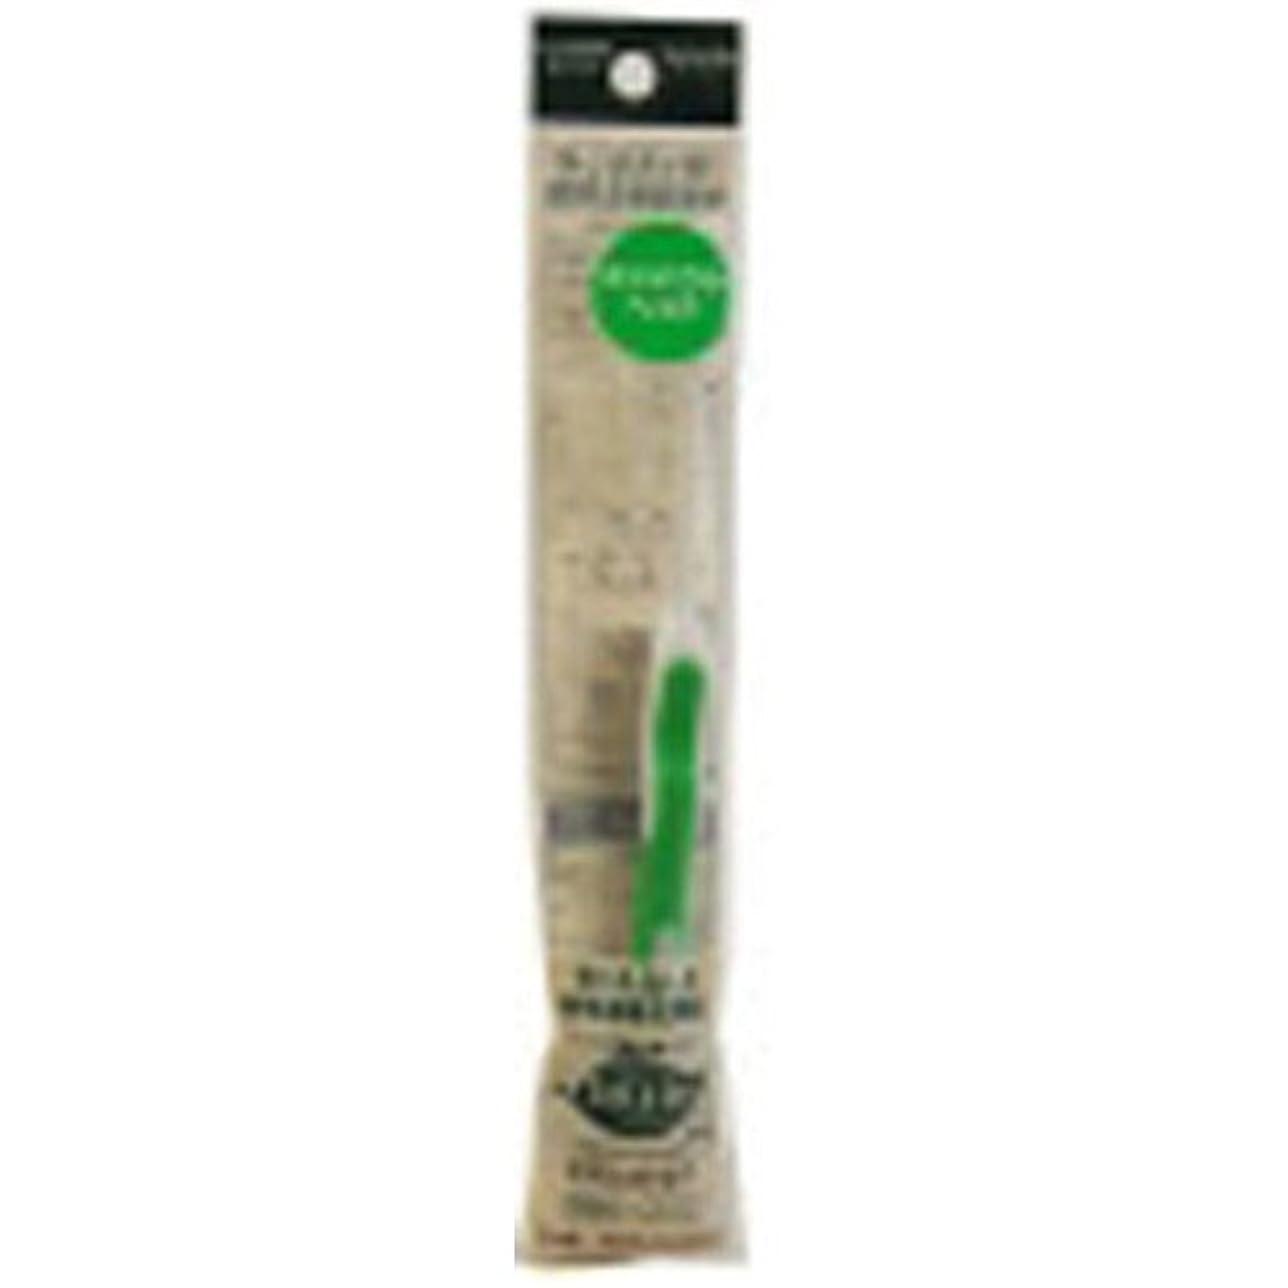 ほのか同時同化サレド ヘッド交換式歯ブラシ お試しセット コンパクトヘッド グリーン